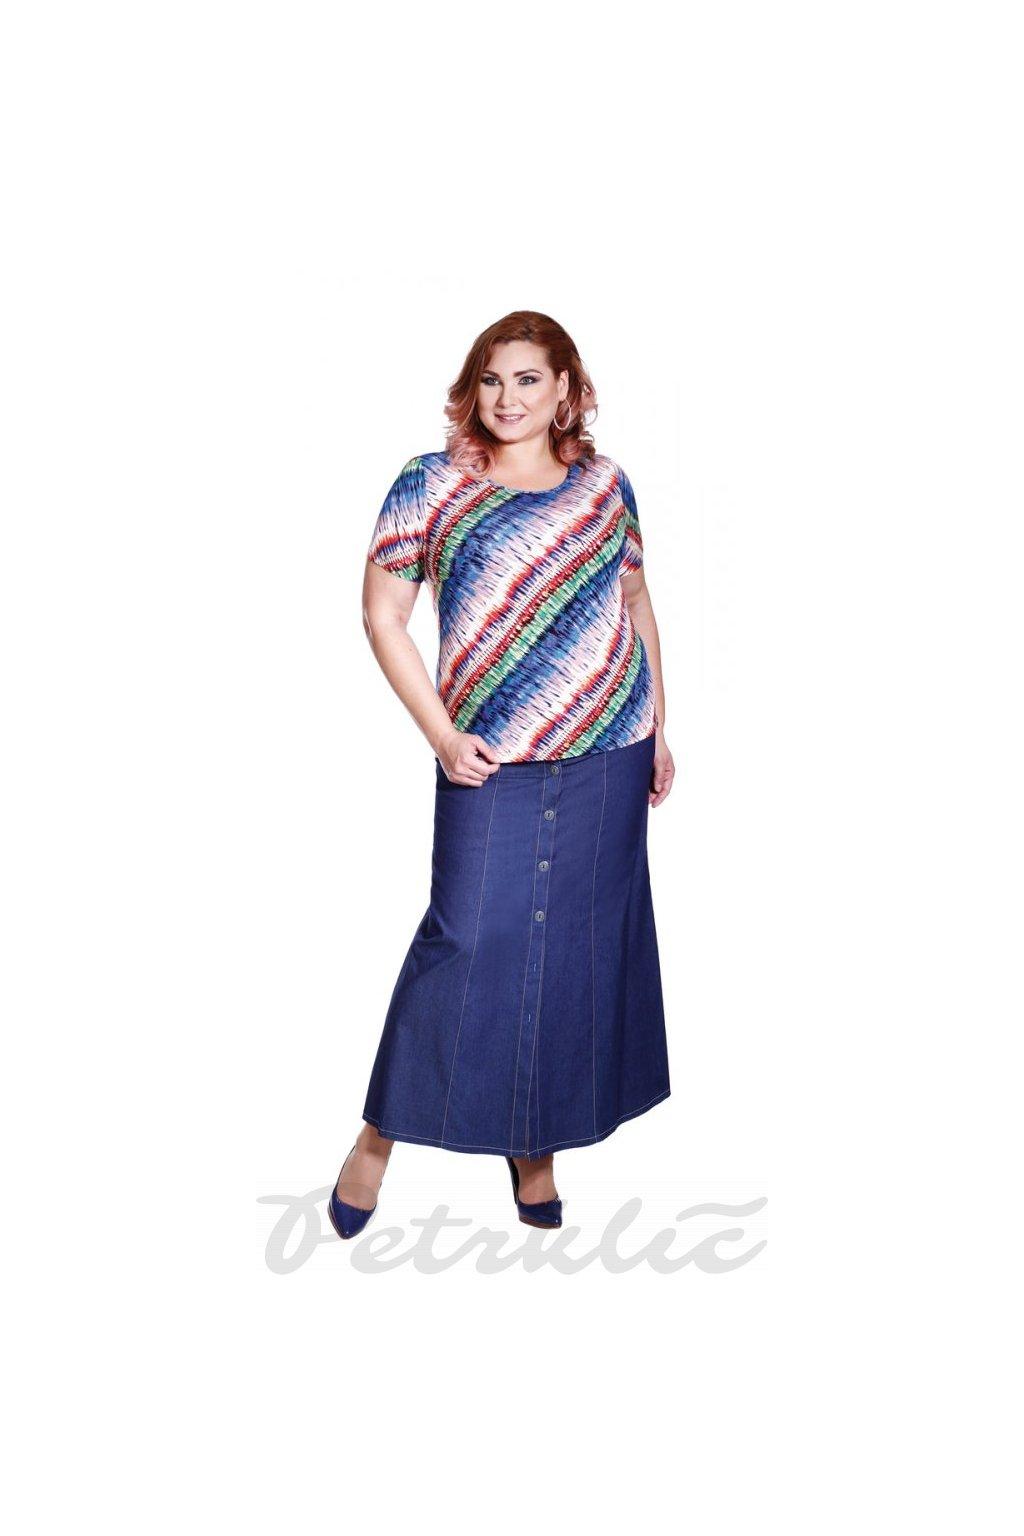 NAĎA - propínací sukně 90 -95 cm